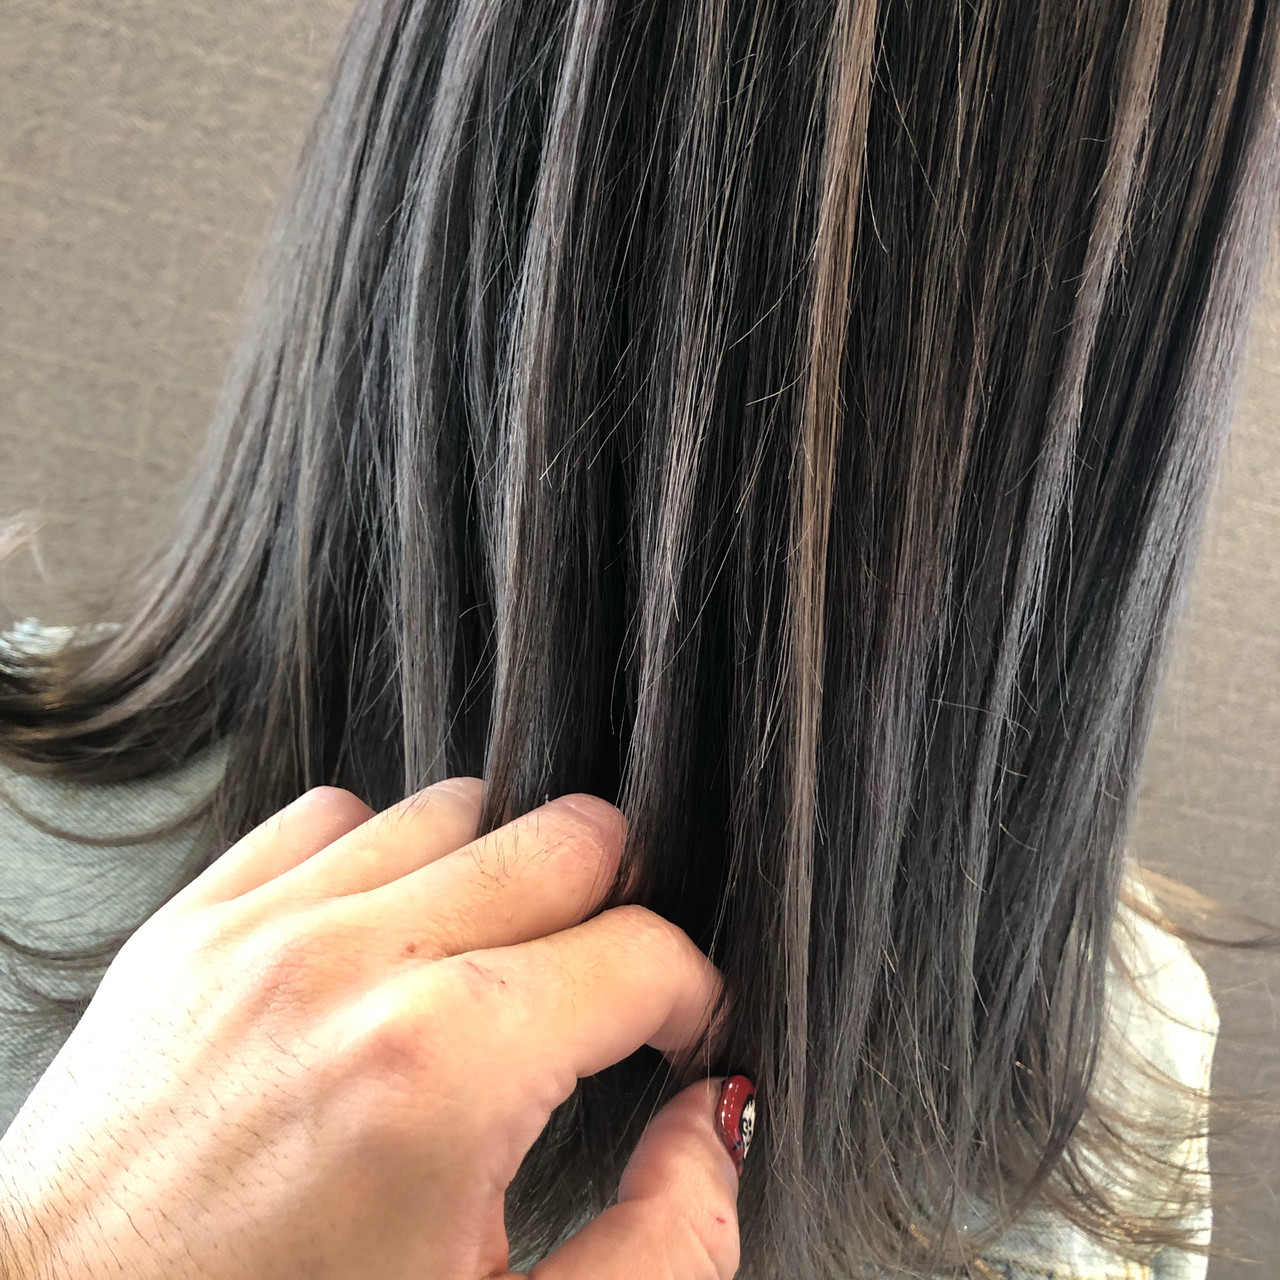 デート ミディアム バレイヤージュ 成人式 ヘアスタイルや髪型の写真・画像 | アンドウ ユウ / Agu hair edge